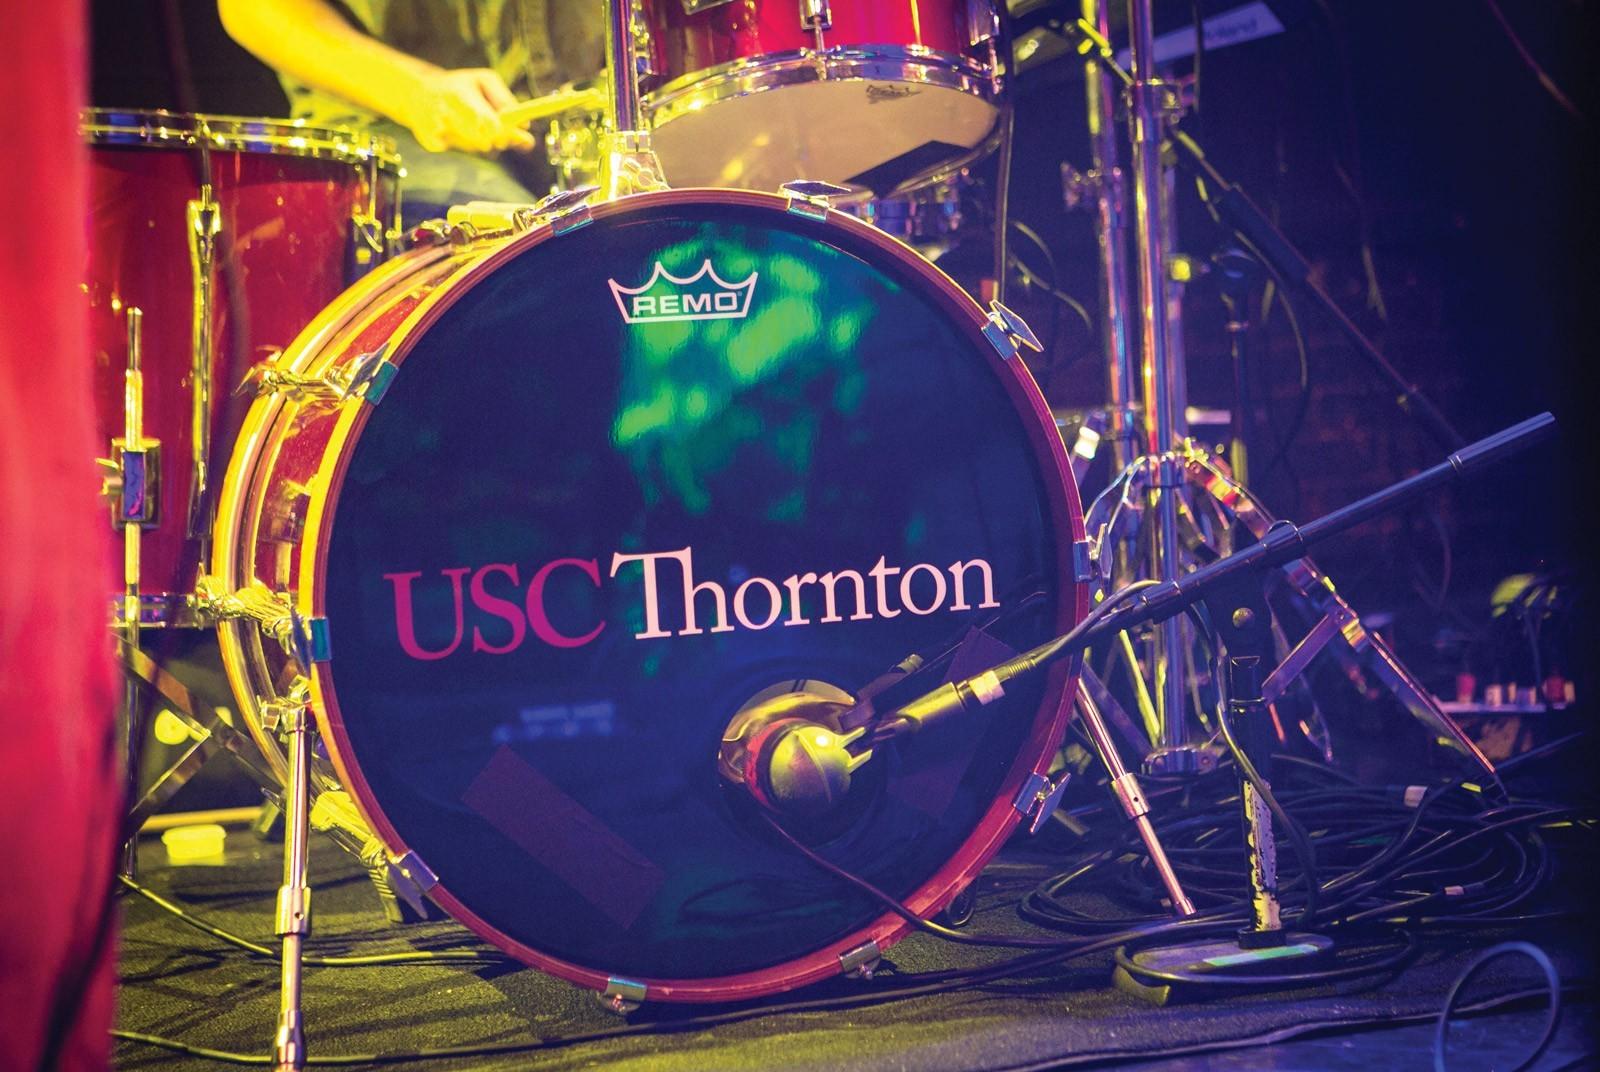 USC Thornton Drum